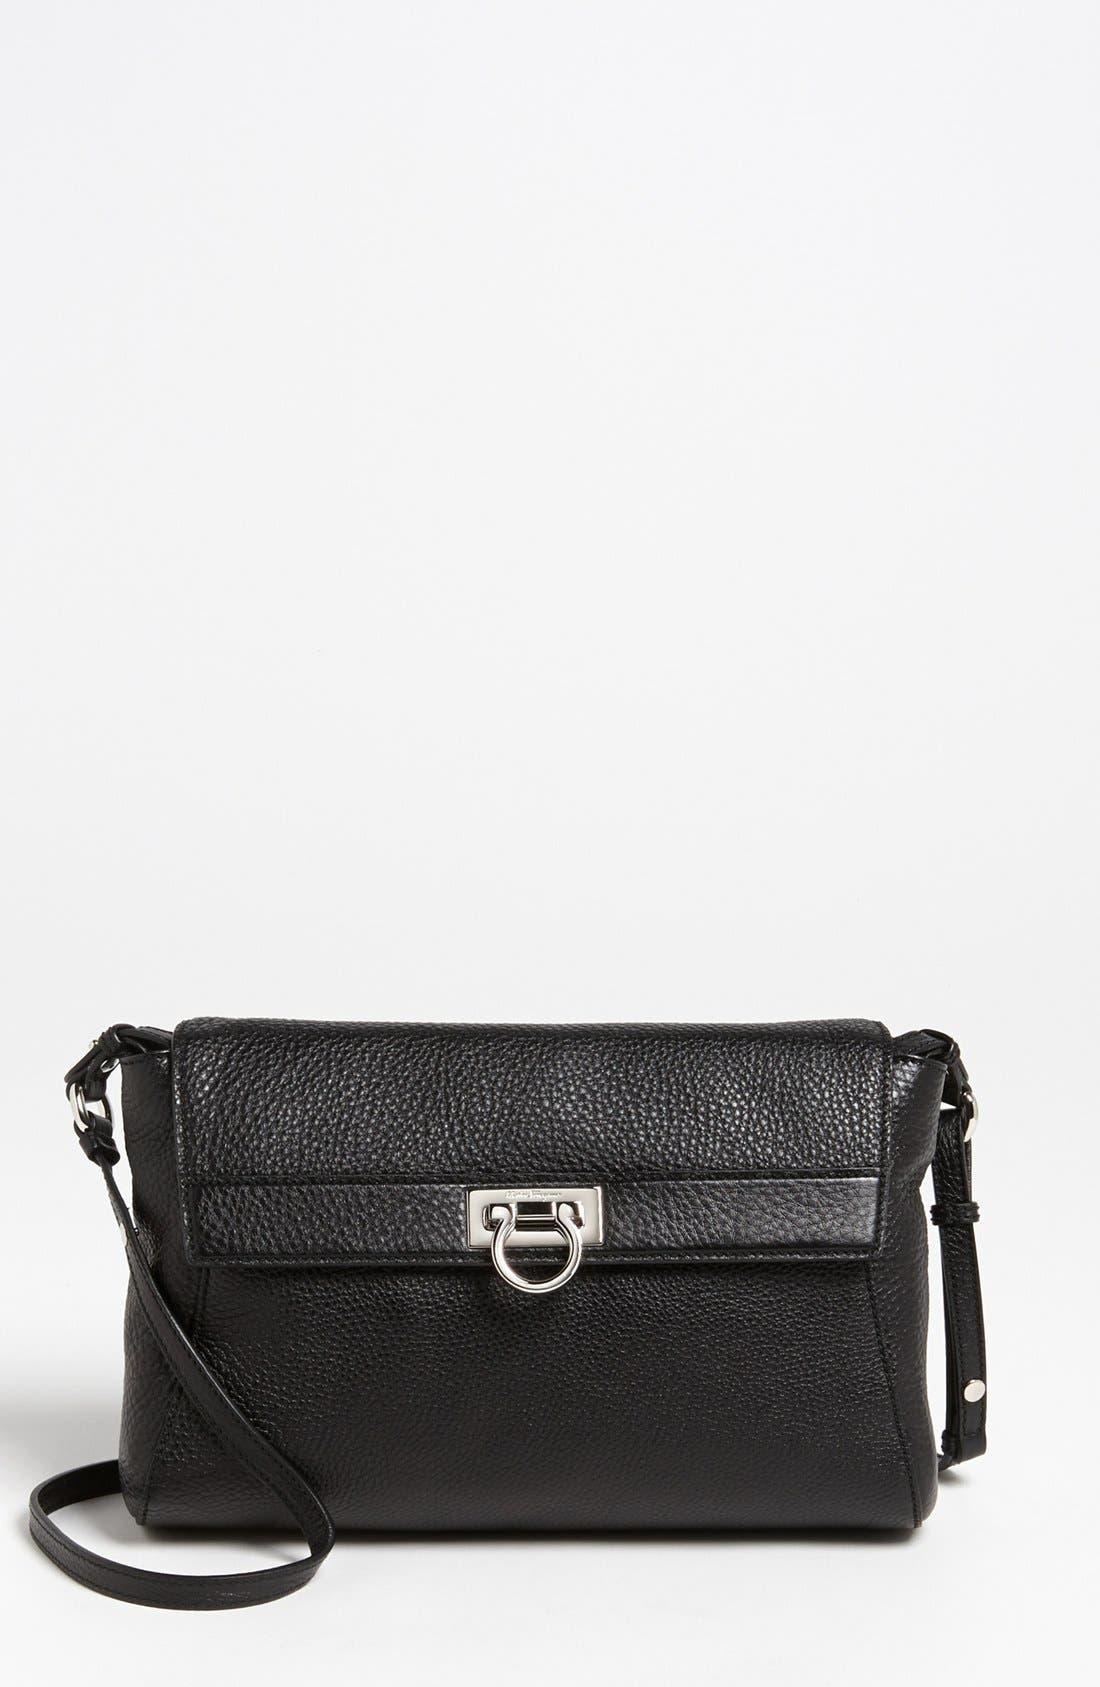 Main Image - Salvatore Ferragamo 'Small Abbey' Leather Crossbody Bag